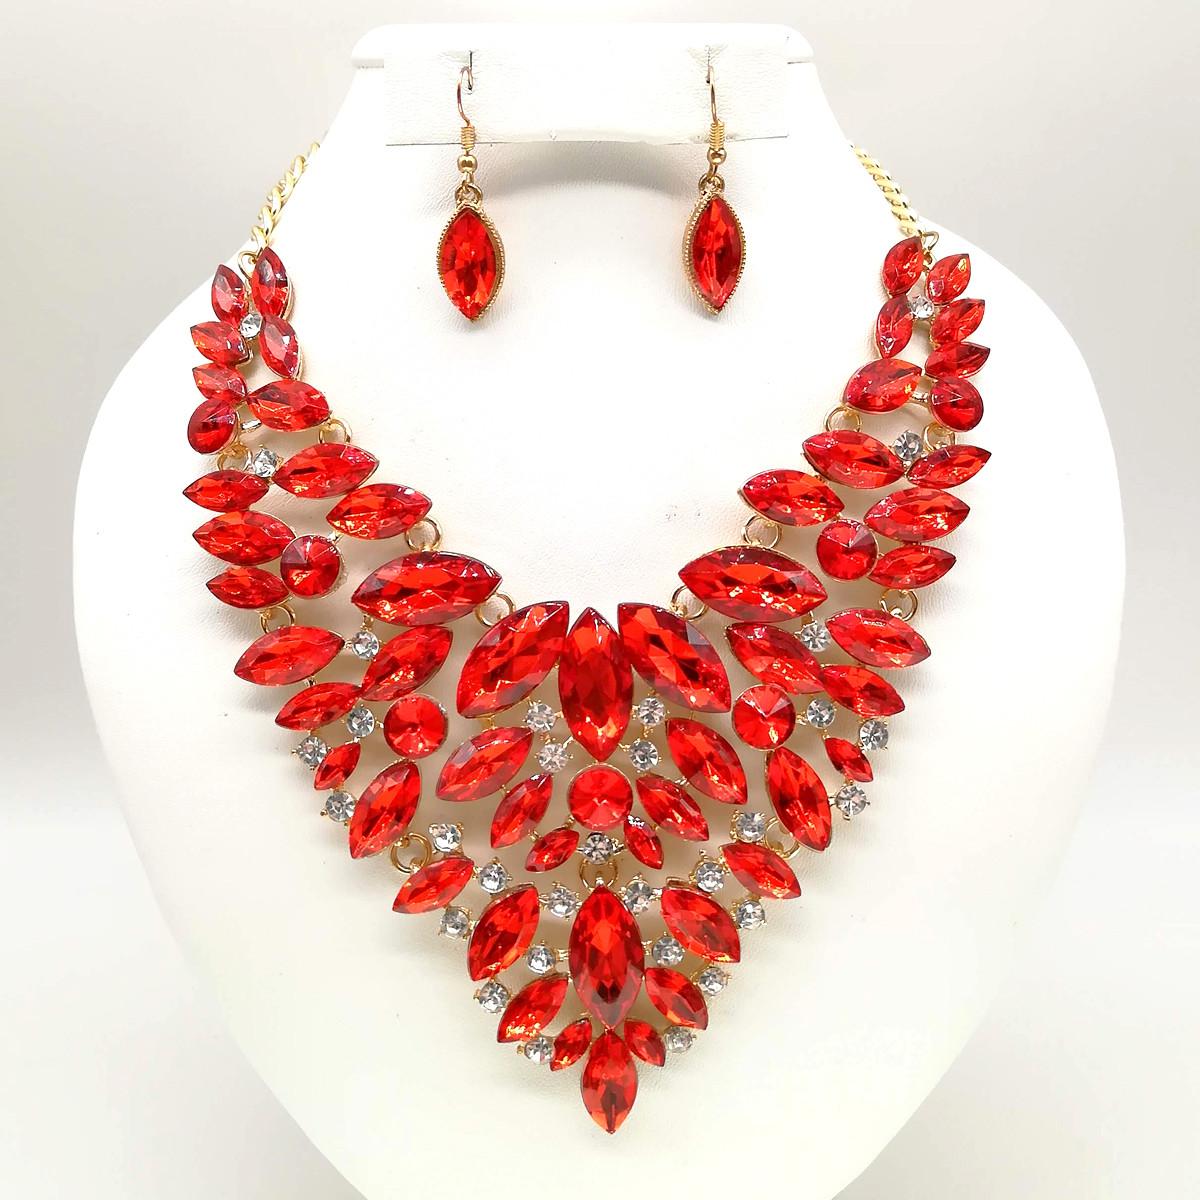 Комплект SONATA (Колье + серьги), красные камни, позолота 18К, 63228                                        (1)